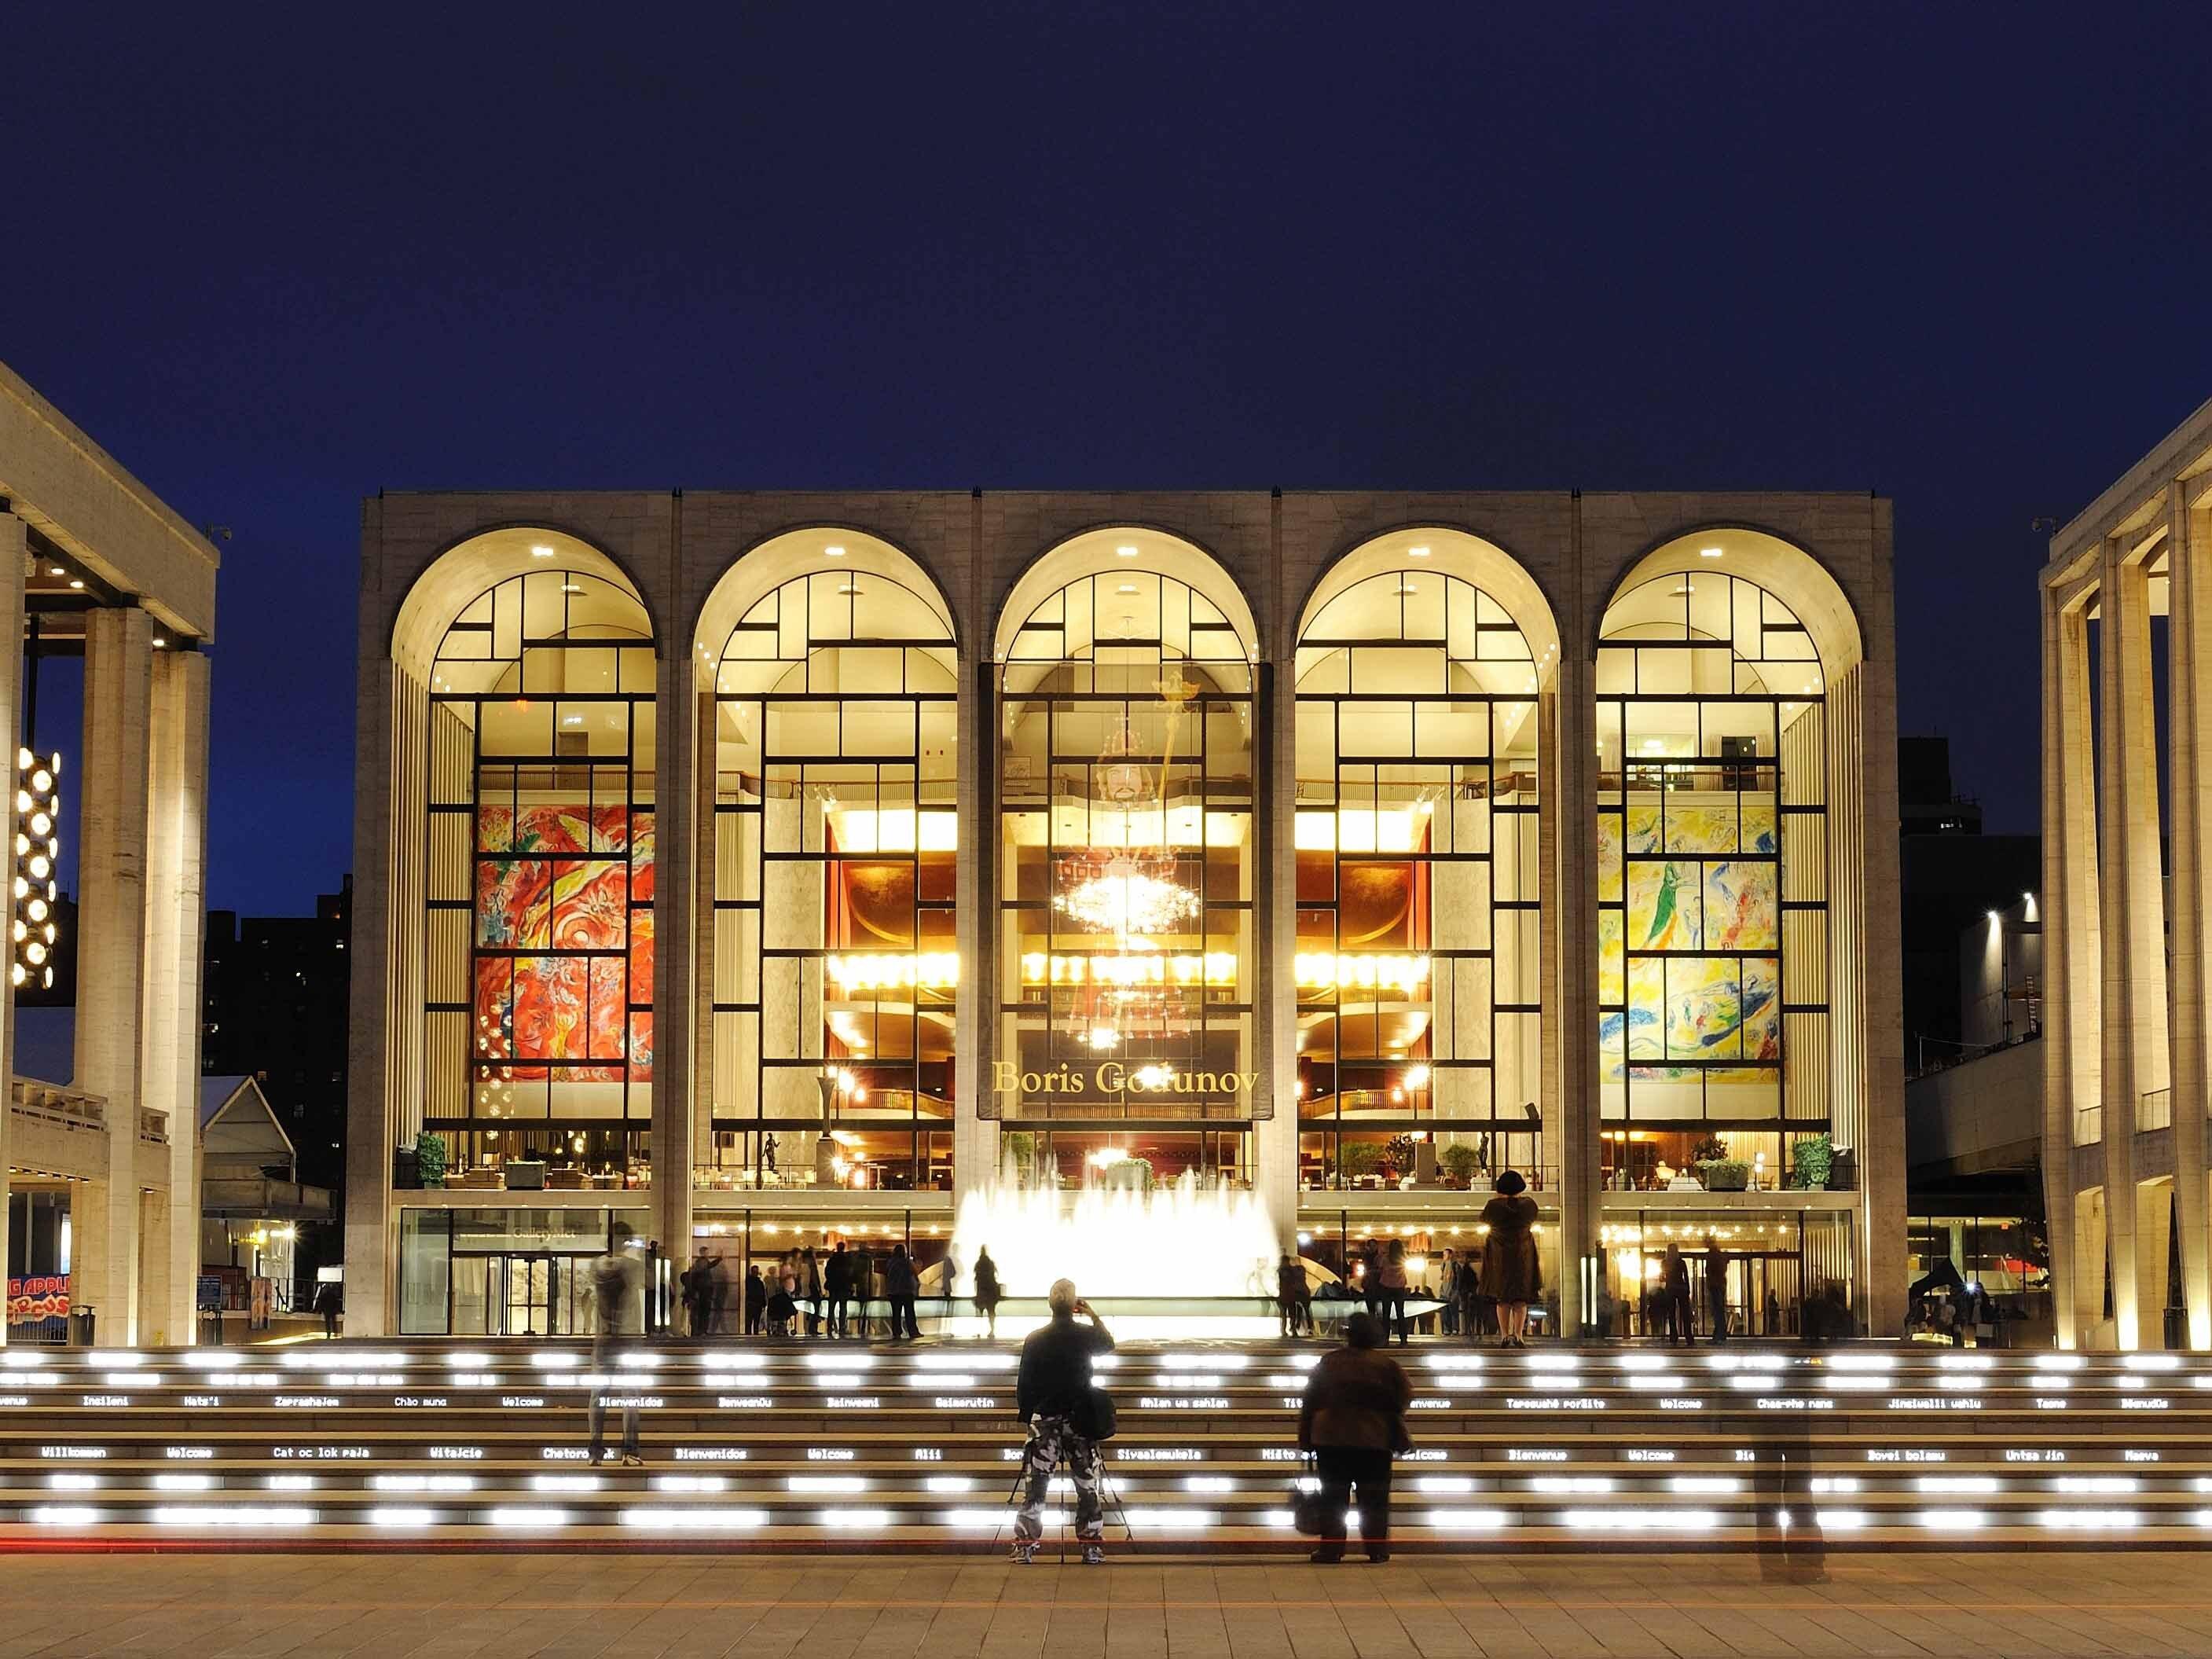 Lincoln Center Metropolitan Opera